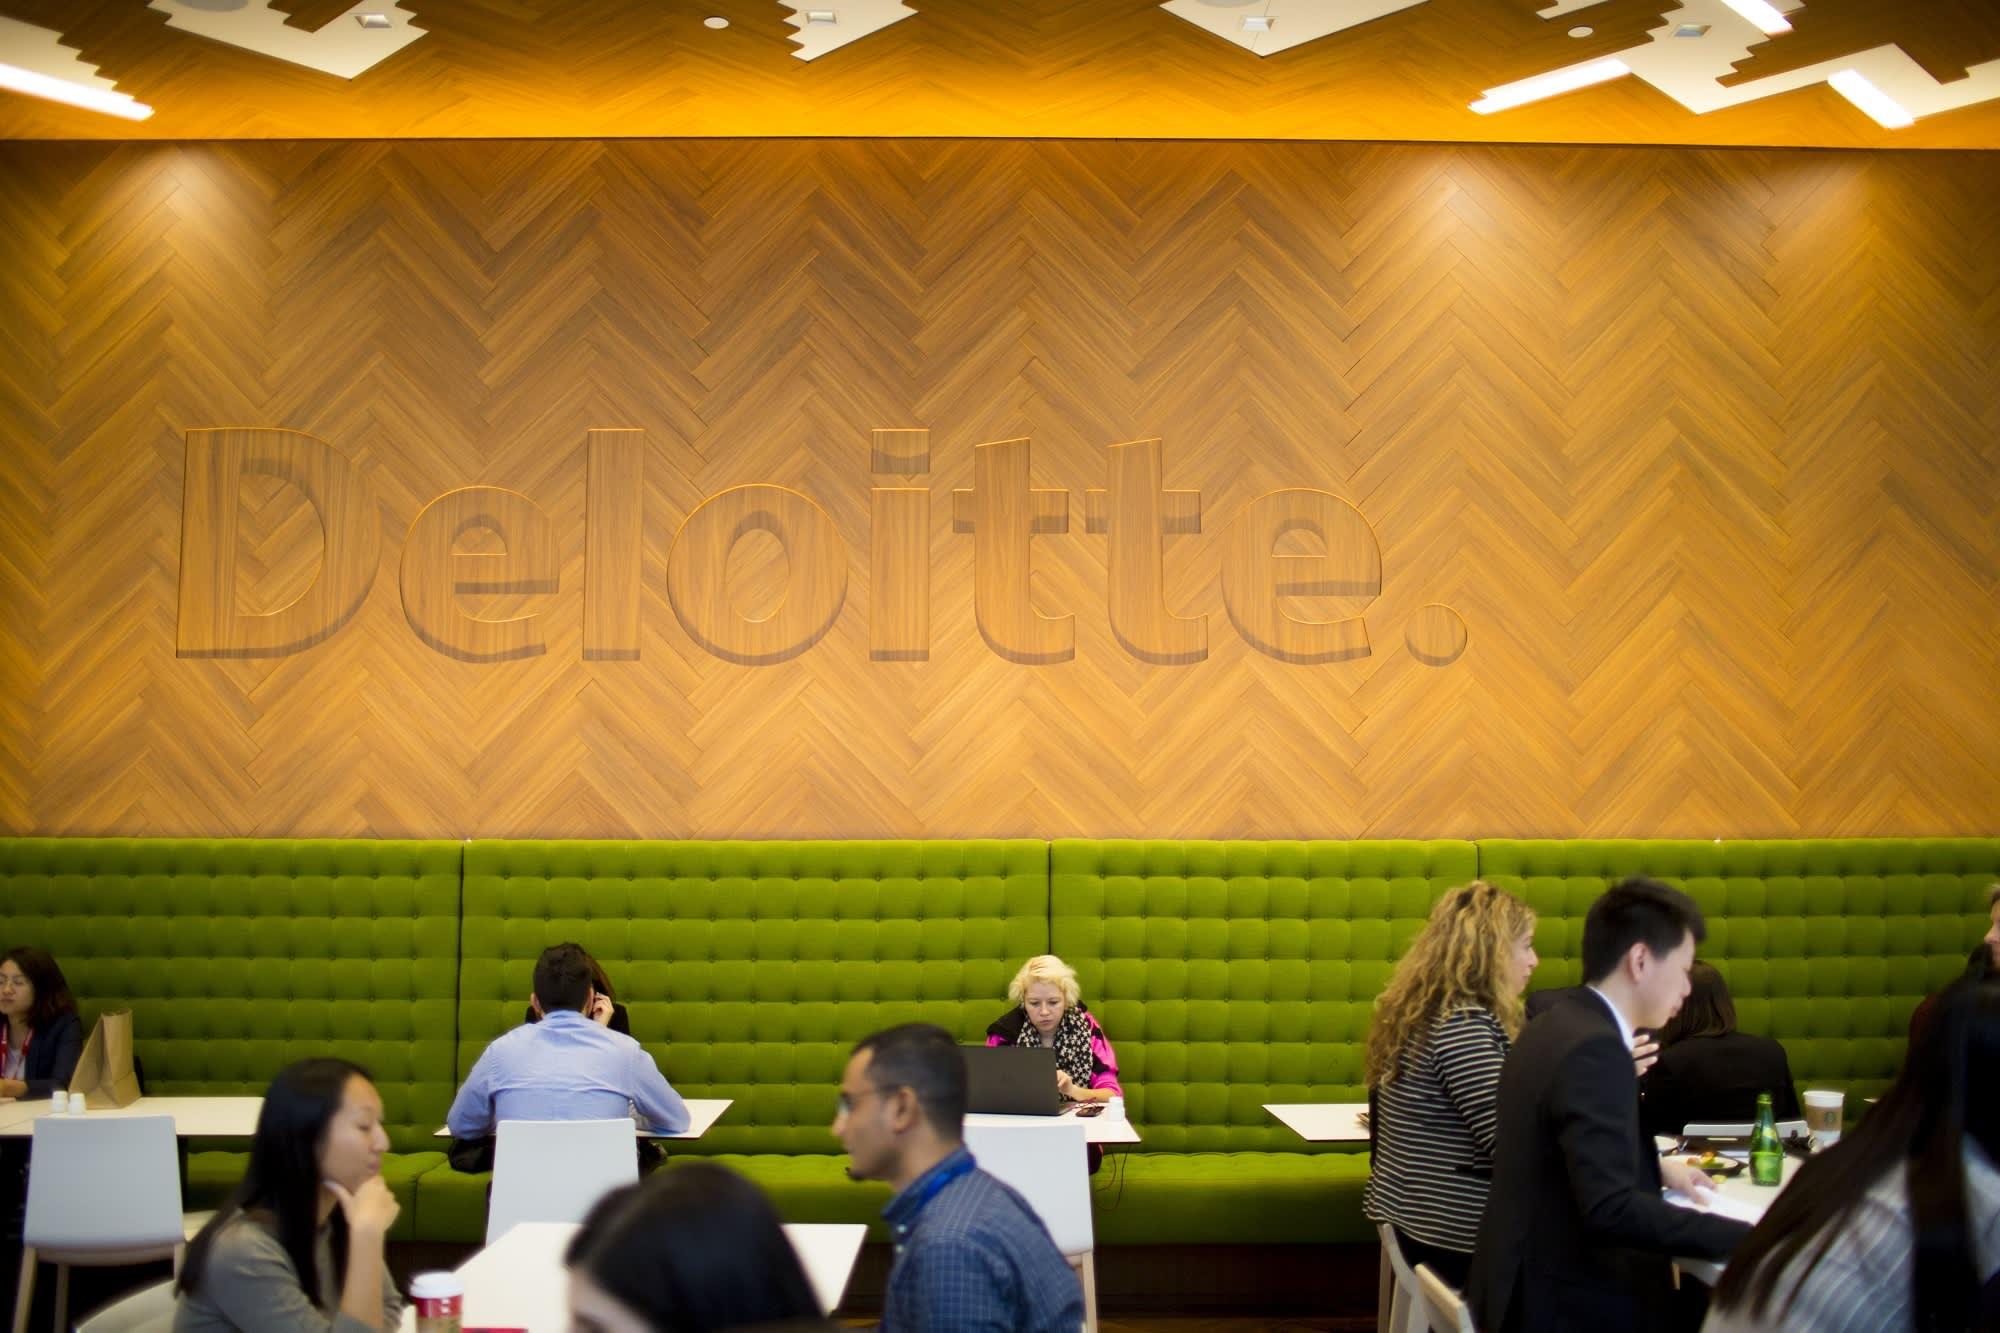 Premium: Deloitte